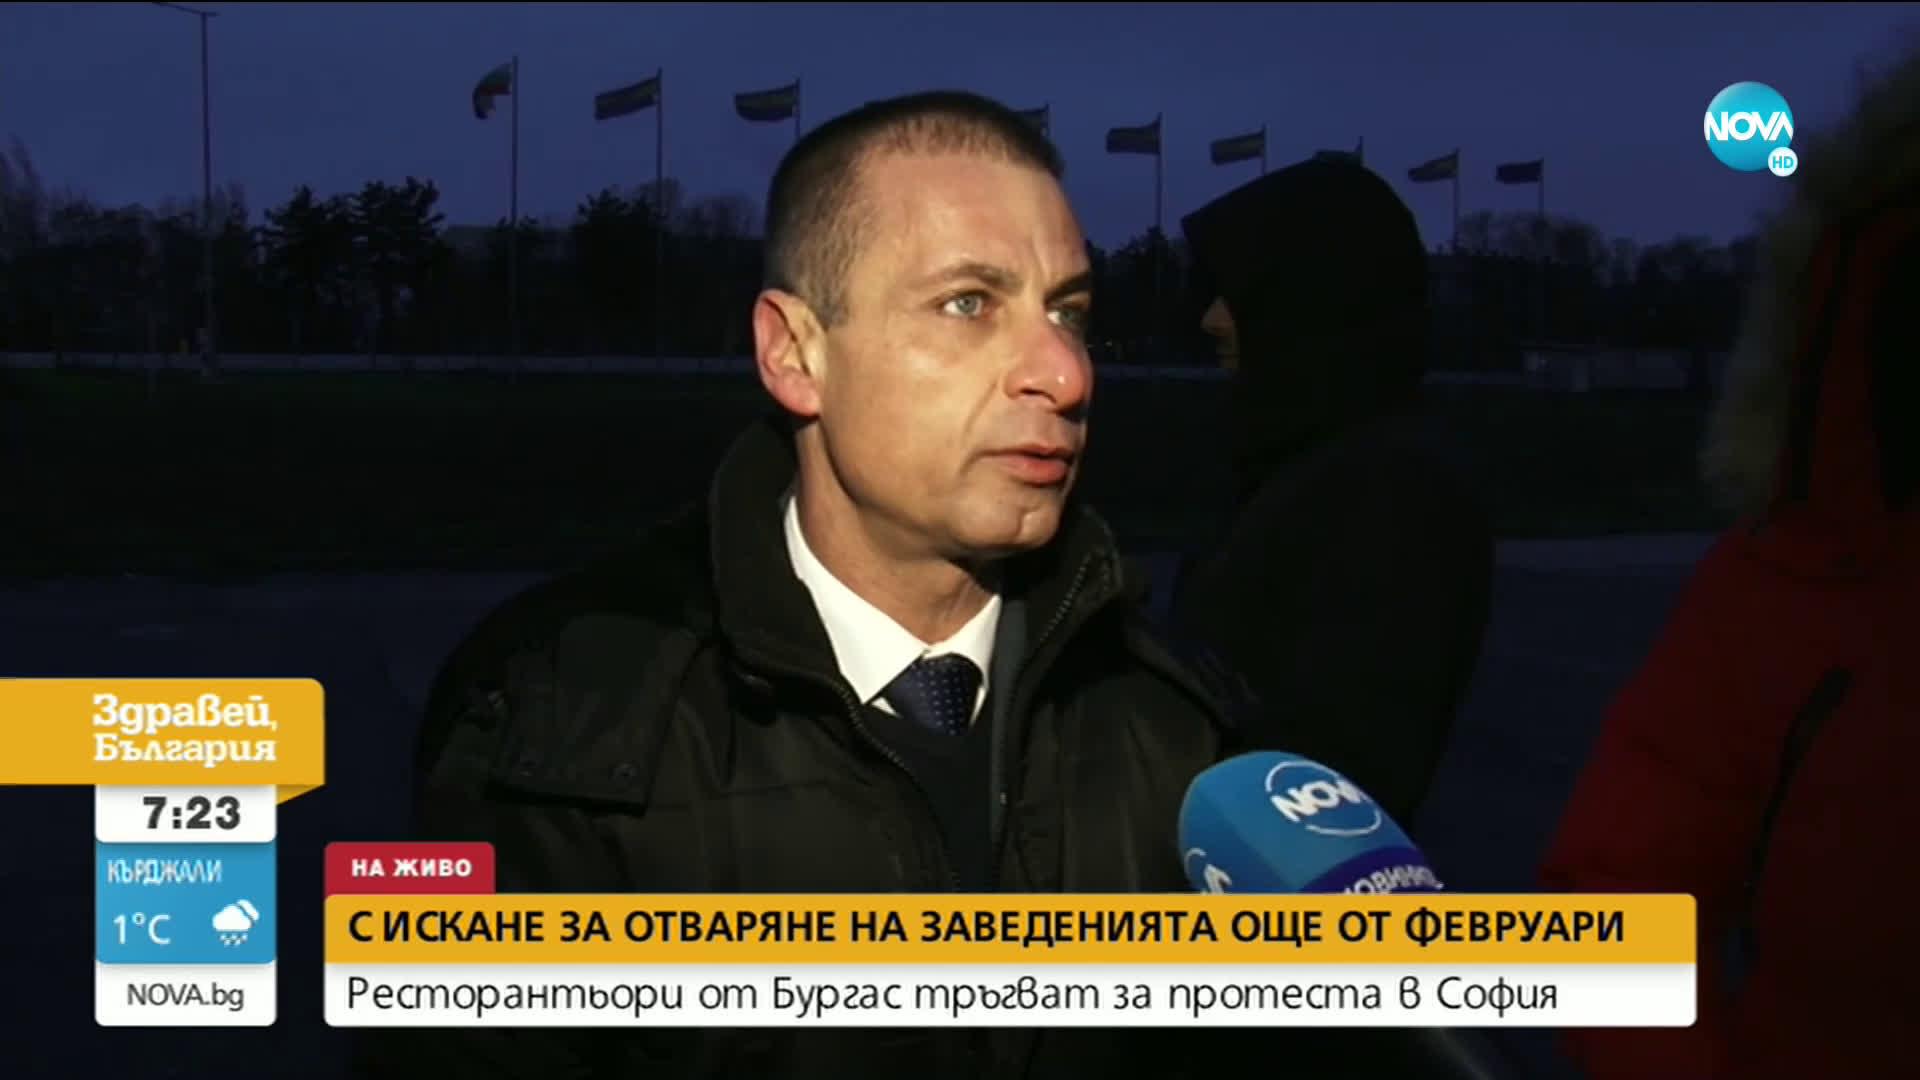 Ресторантьори от Бургас ще участват в националния протест в София